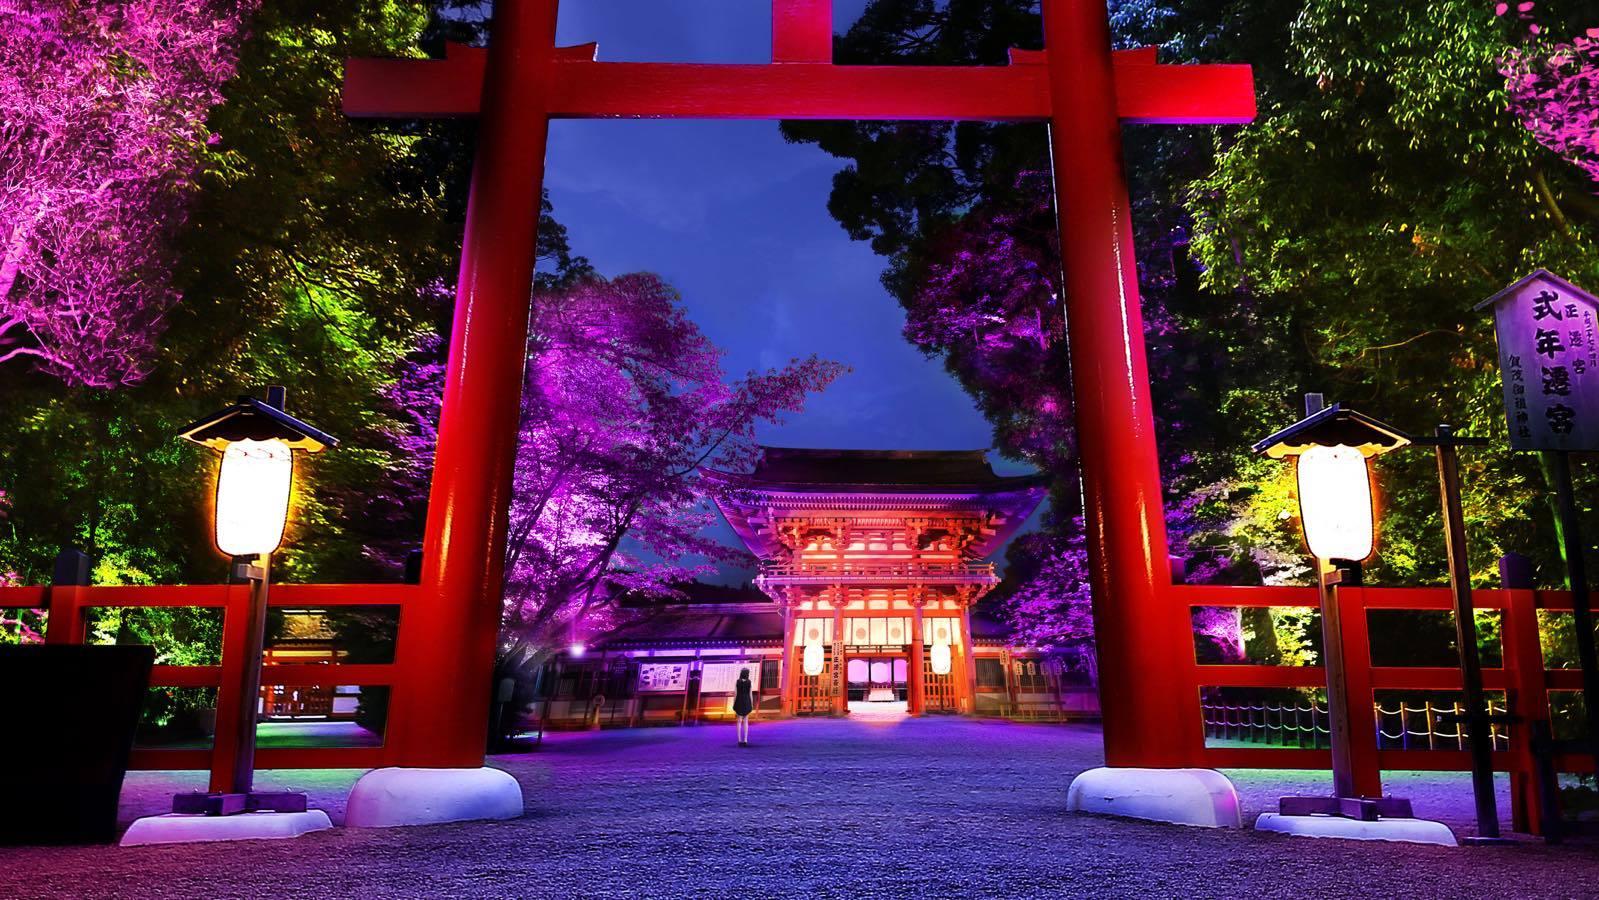 呼応する木々 – 下鴨神社 糺の森 / Resonating Trees – Forest of Tadasu at Shimogamo Shrine teamLab, 2016, Interactive Digitized Nature, Endless, Sound: Hideaki Takahashi